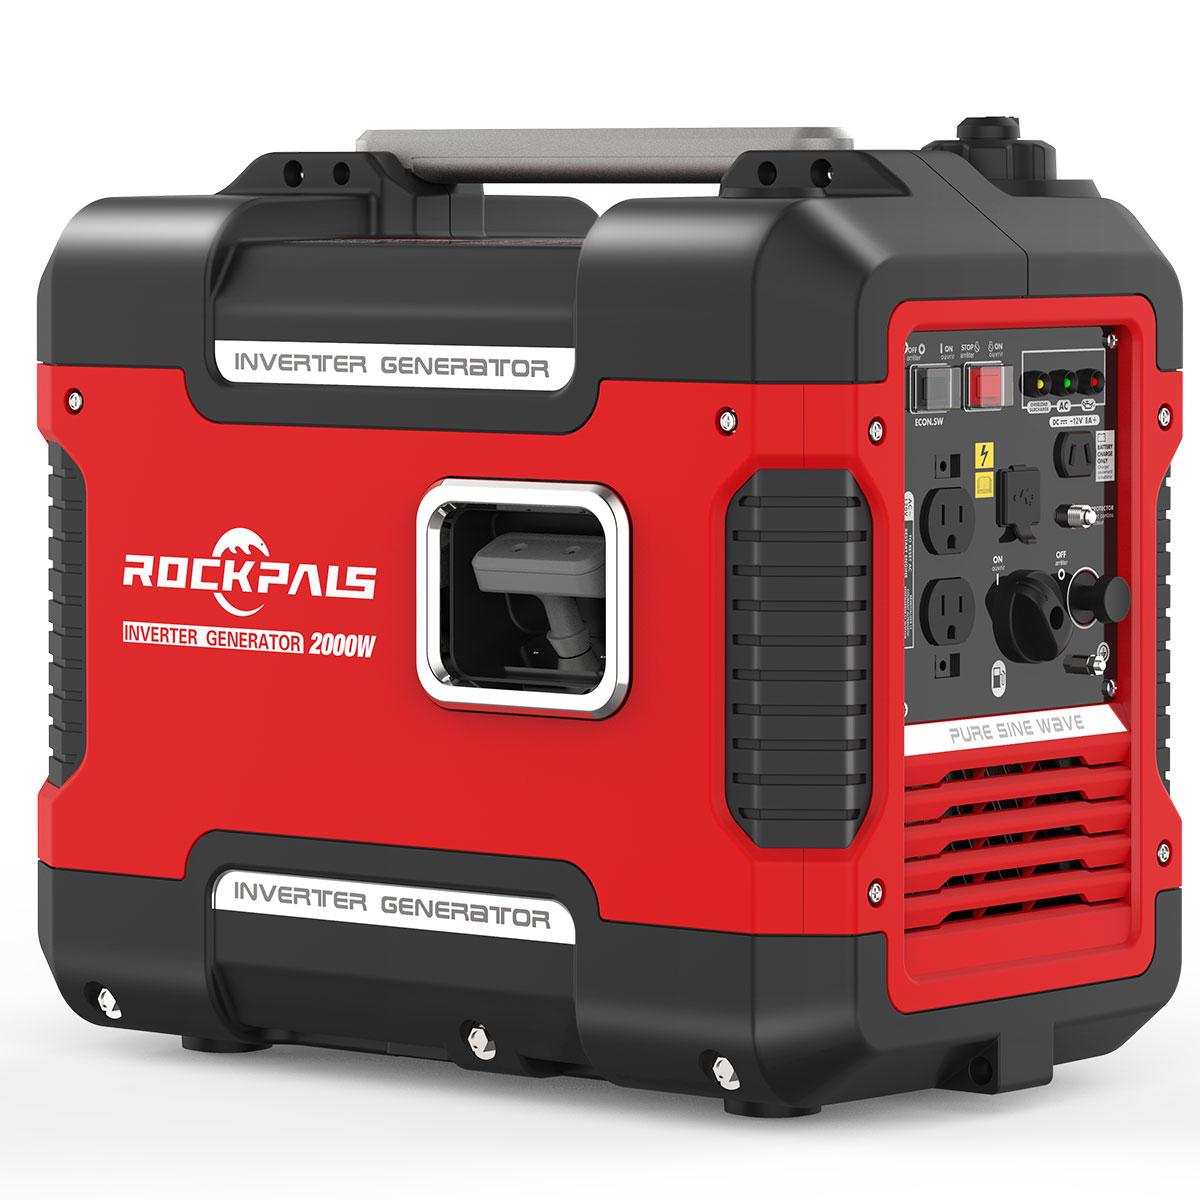 Rockpals 2000Watt Portable Generator Super Quiet Inverter Generator $369.99